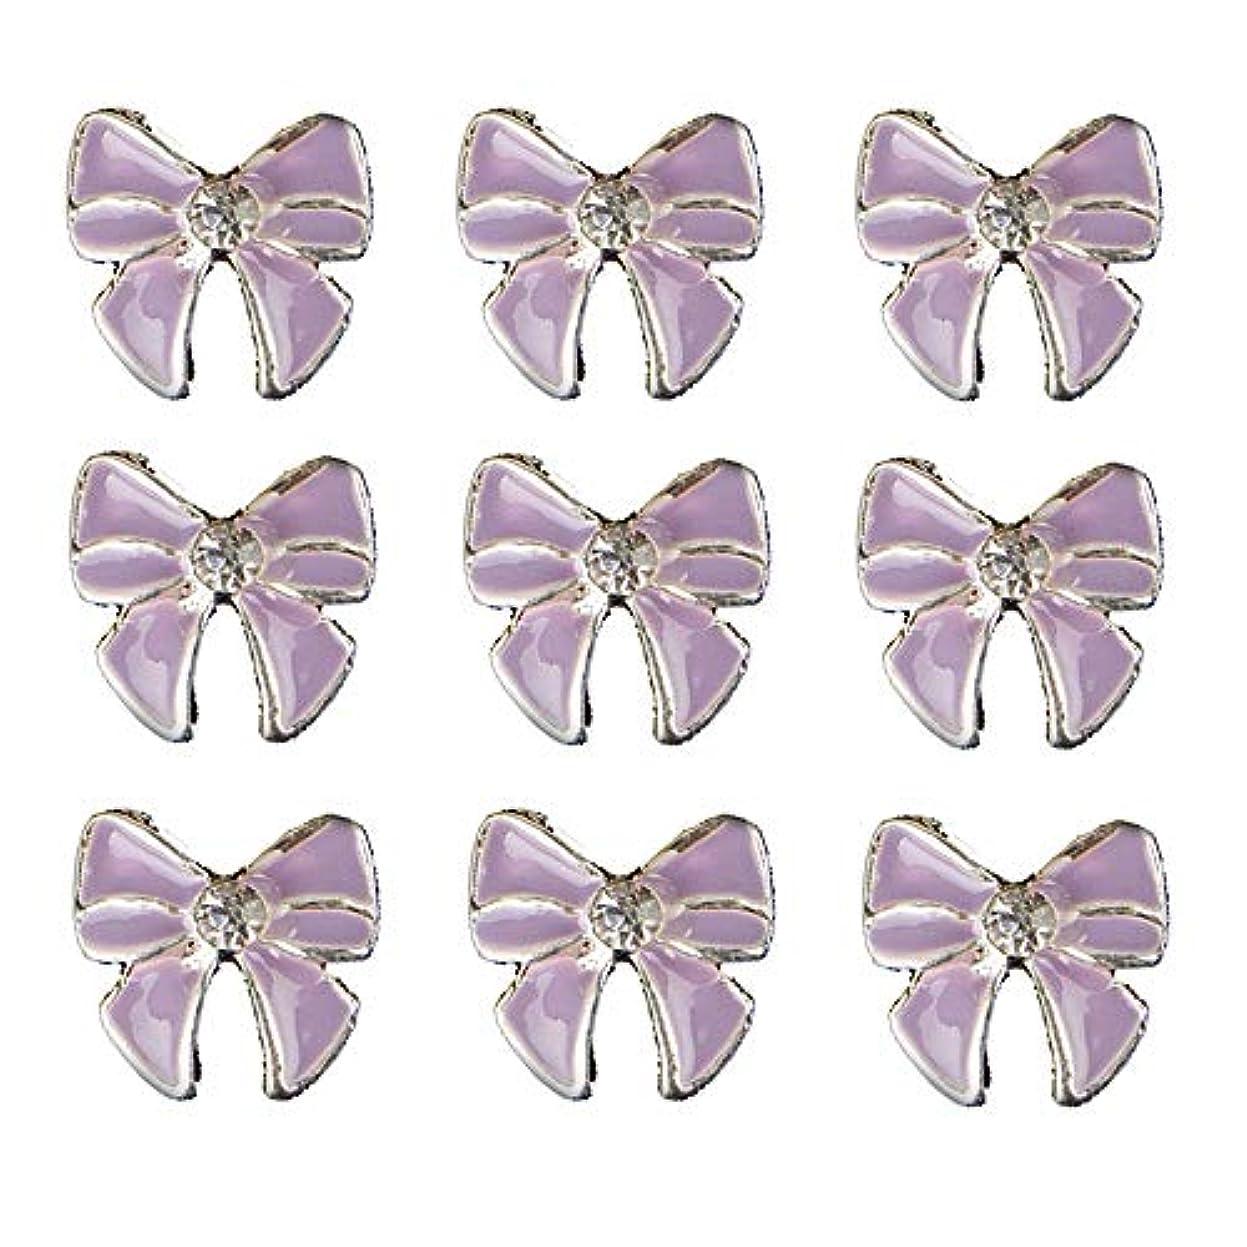 受け入れる刃忠実に10個入りの3Dネイル合金デコレーション紫蝶ネクタイのデザイングリッターラインストーンネイルのヒントステッカーネイルツール